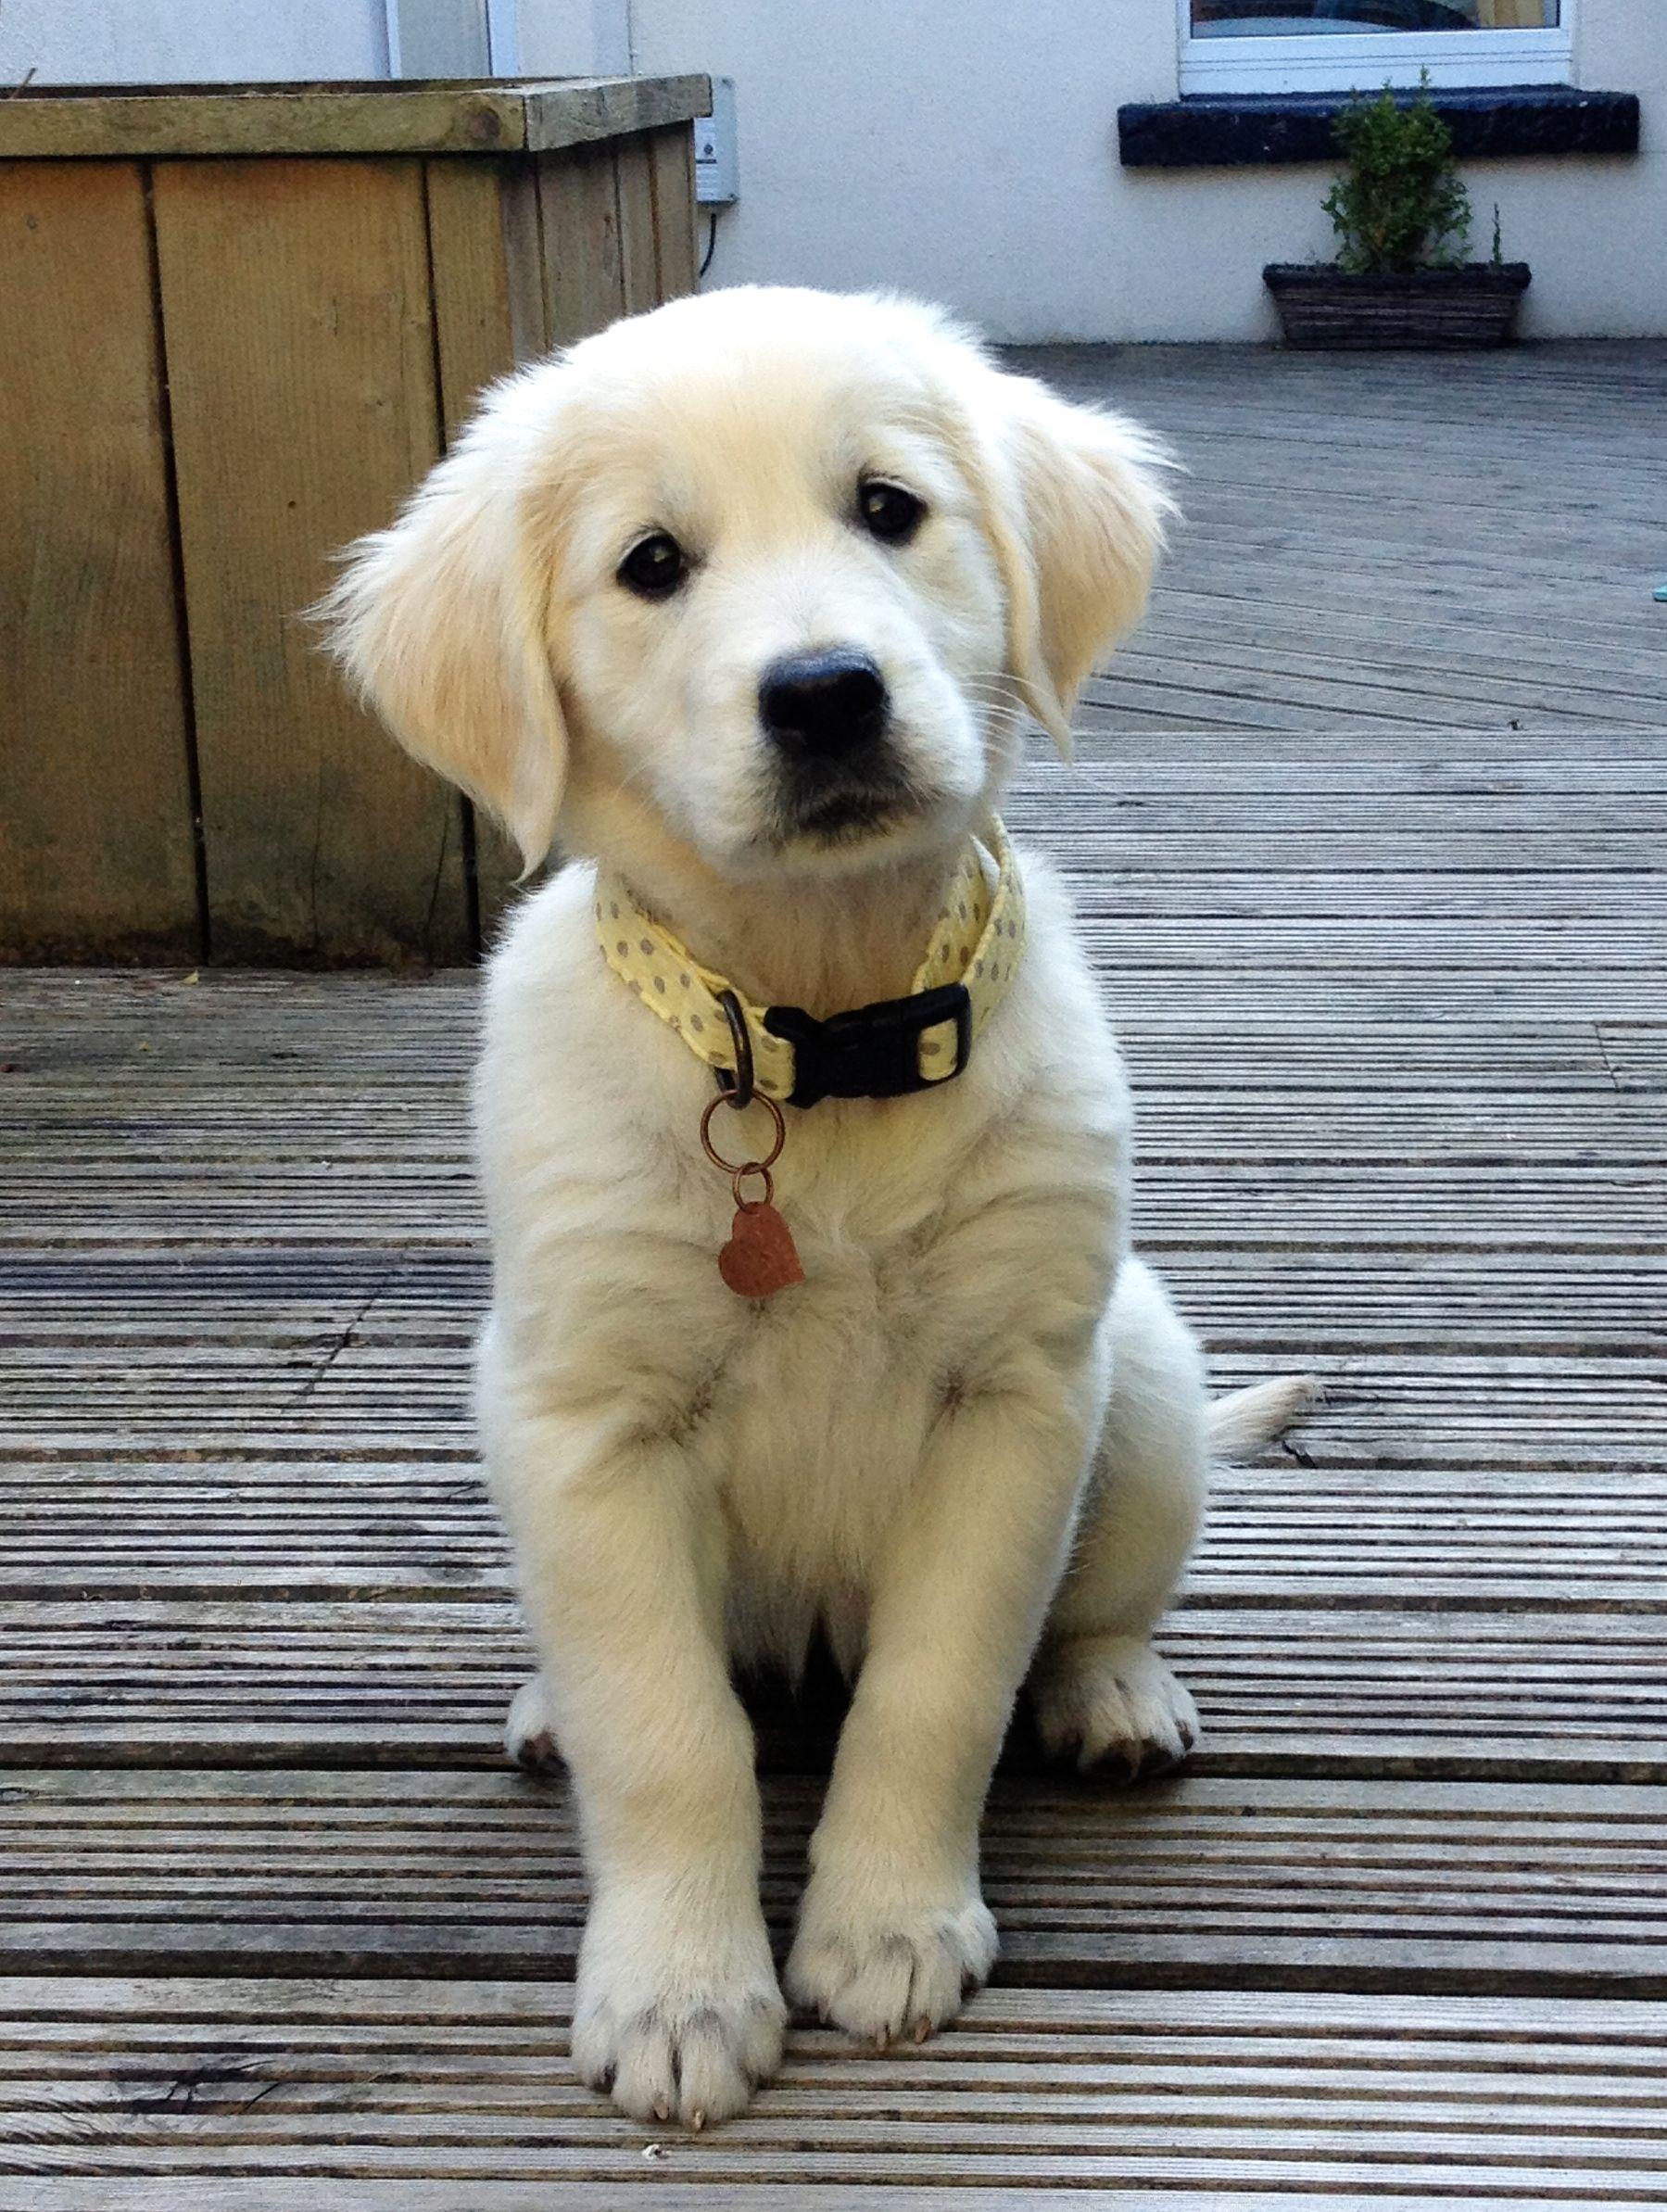 Rio the Golden Retriever cute puppy goldenretriever